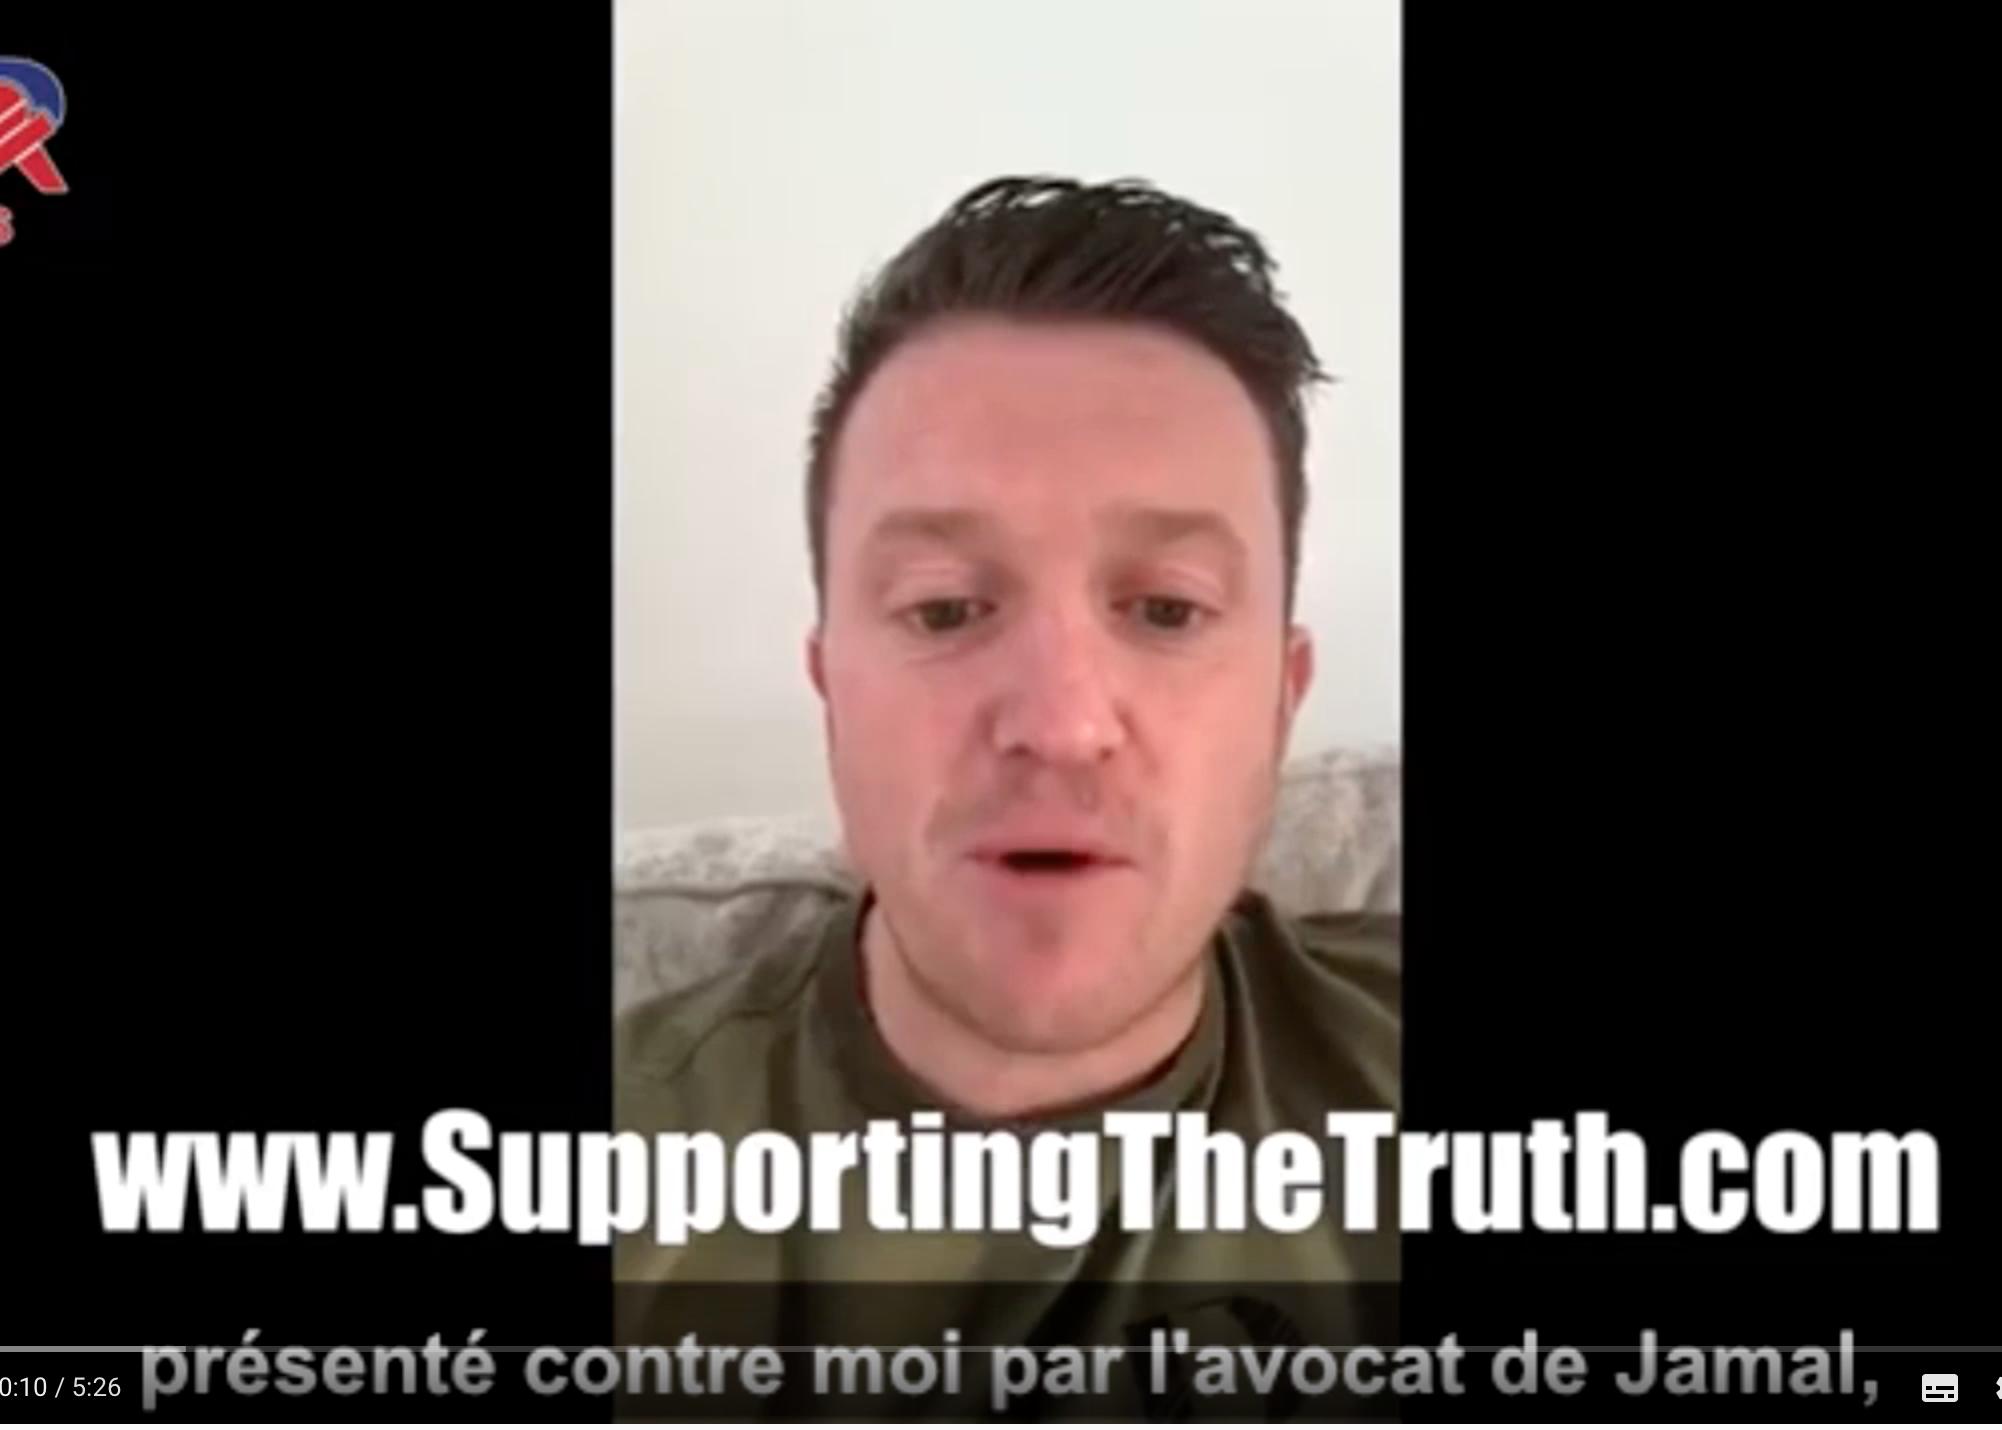 Le harceleur Jamal se fait passer pour la victime… Tommy révèle la manip ? La justice le ruine